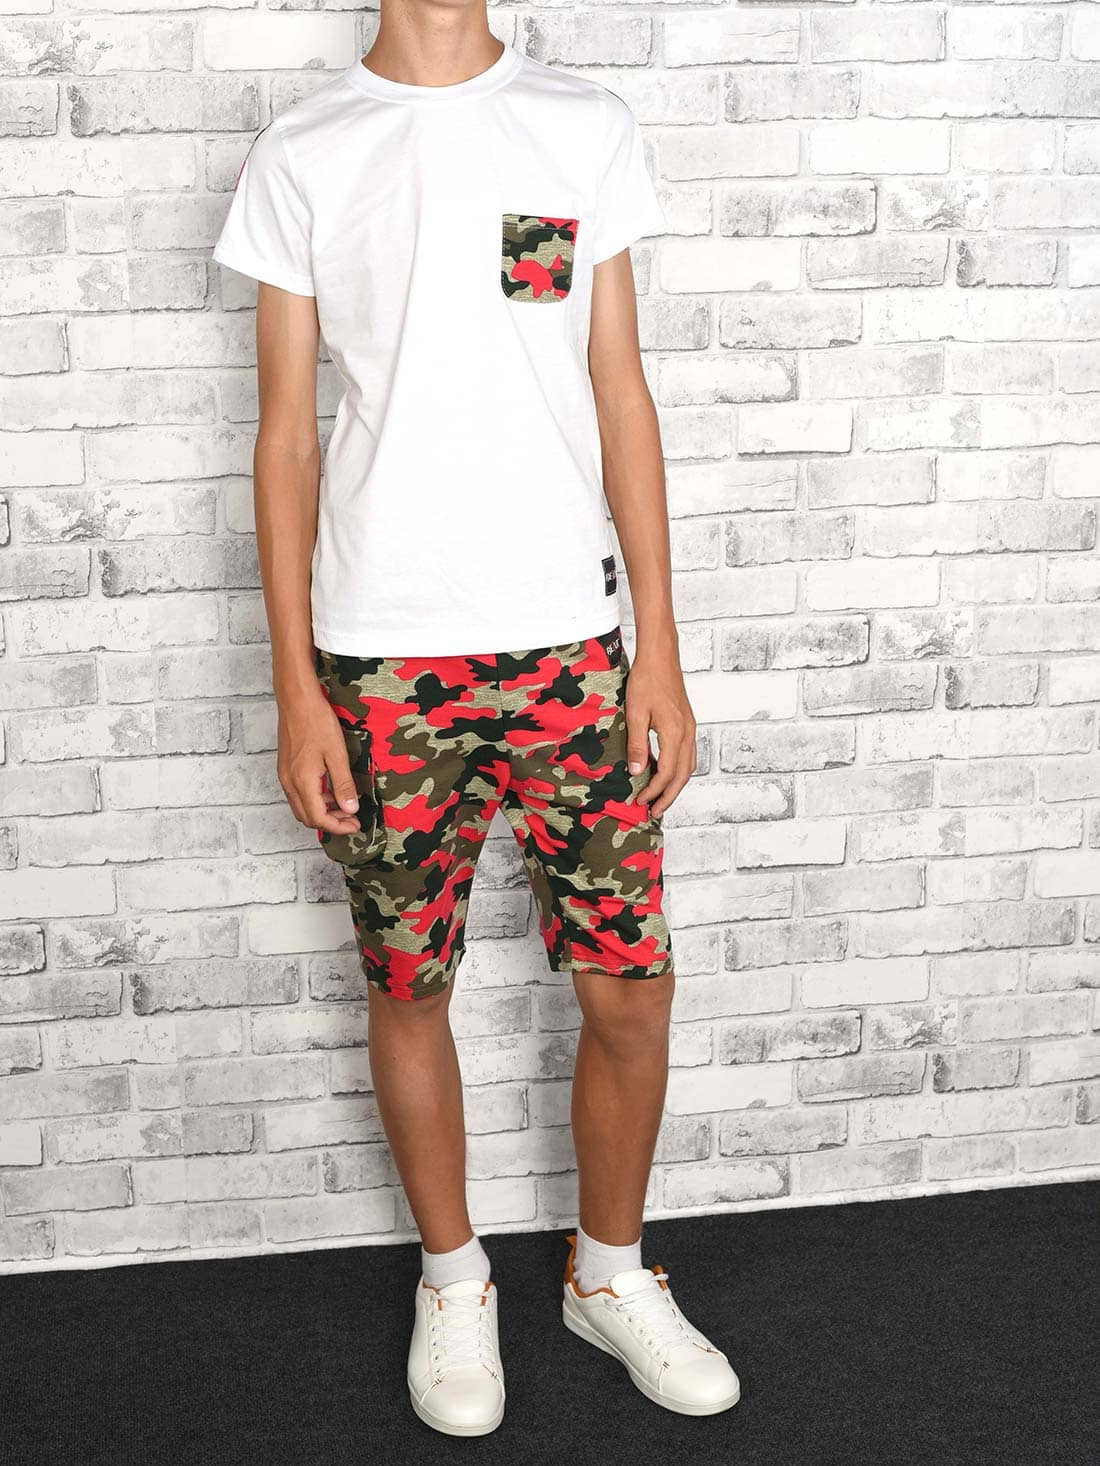 BEZLIT Jungen Set T-Shirt Cargo Shorts 30081